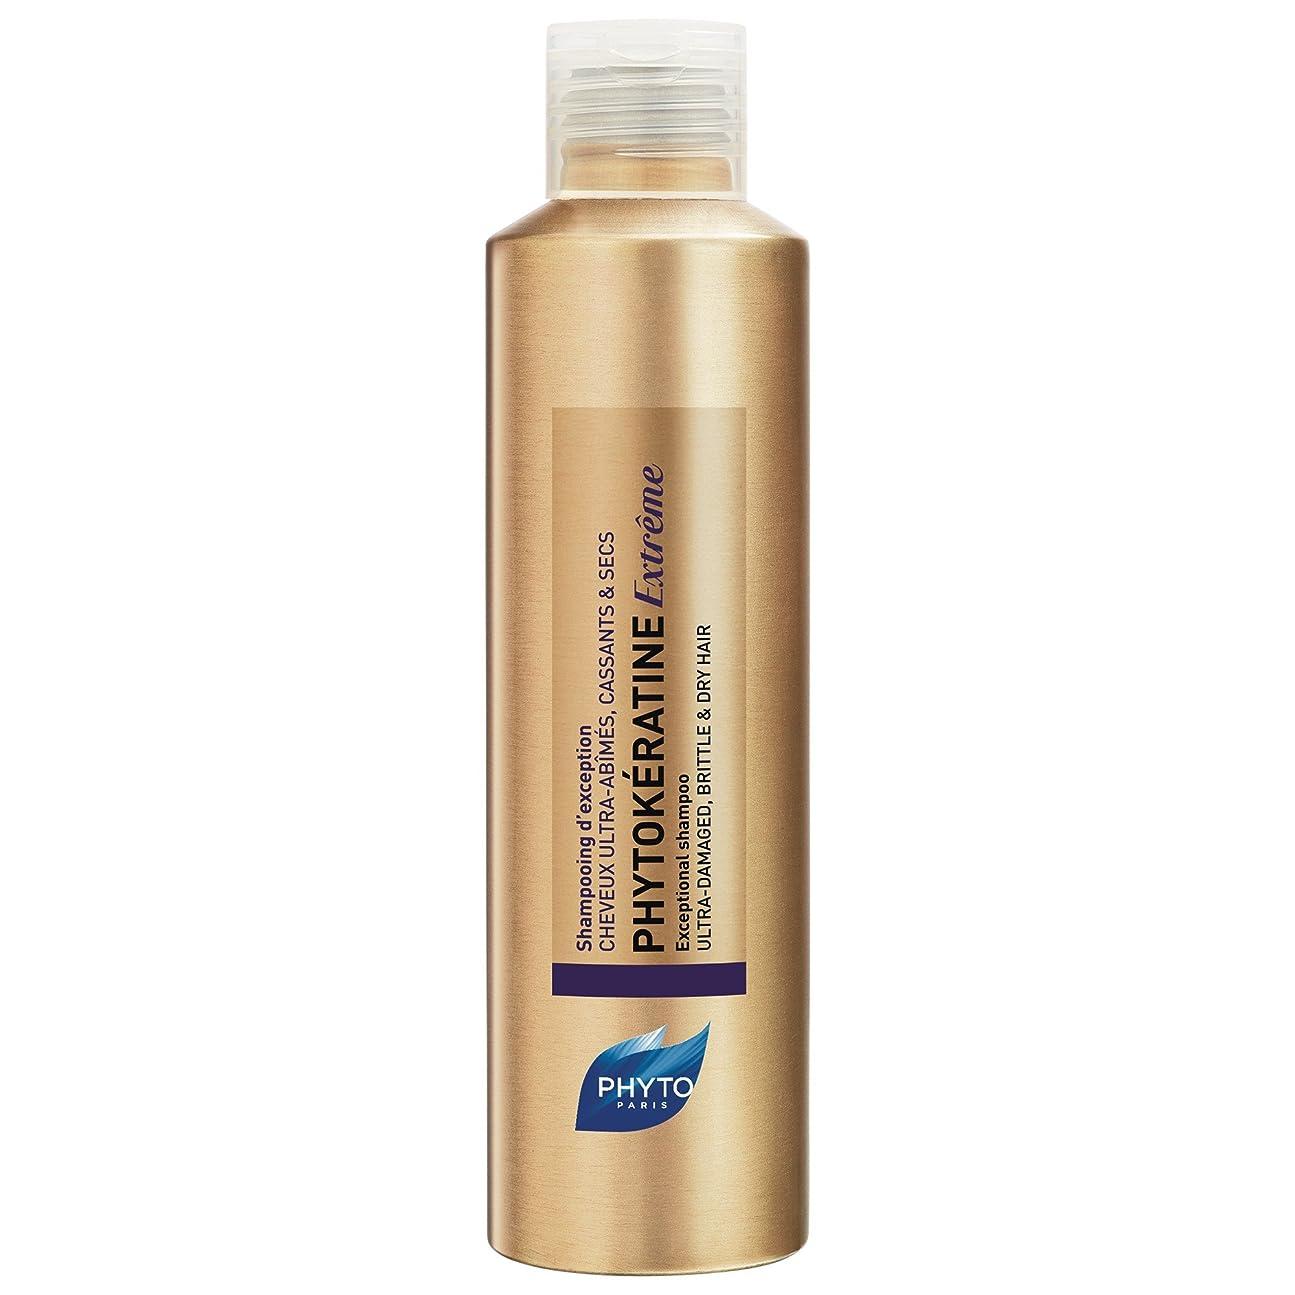 オート骨公フィトPhytokeratine極端なシャンプー200ミリリットル (Phyto) - Phyto Phytokeratine Extreme Shampoo 200ml [並行輸入品]